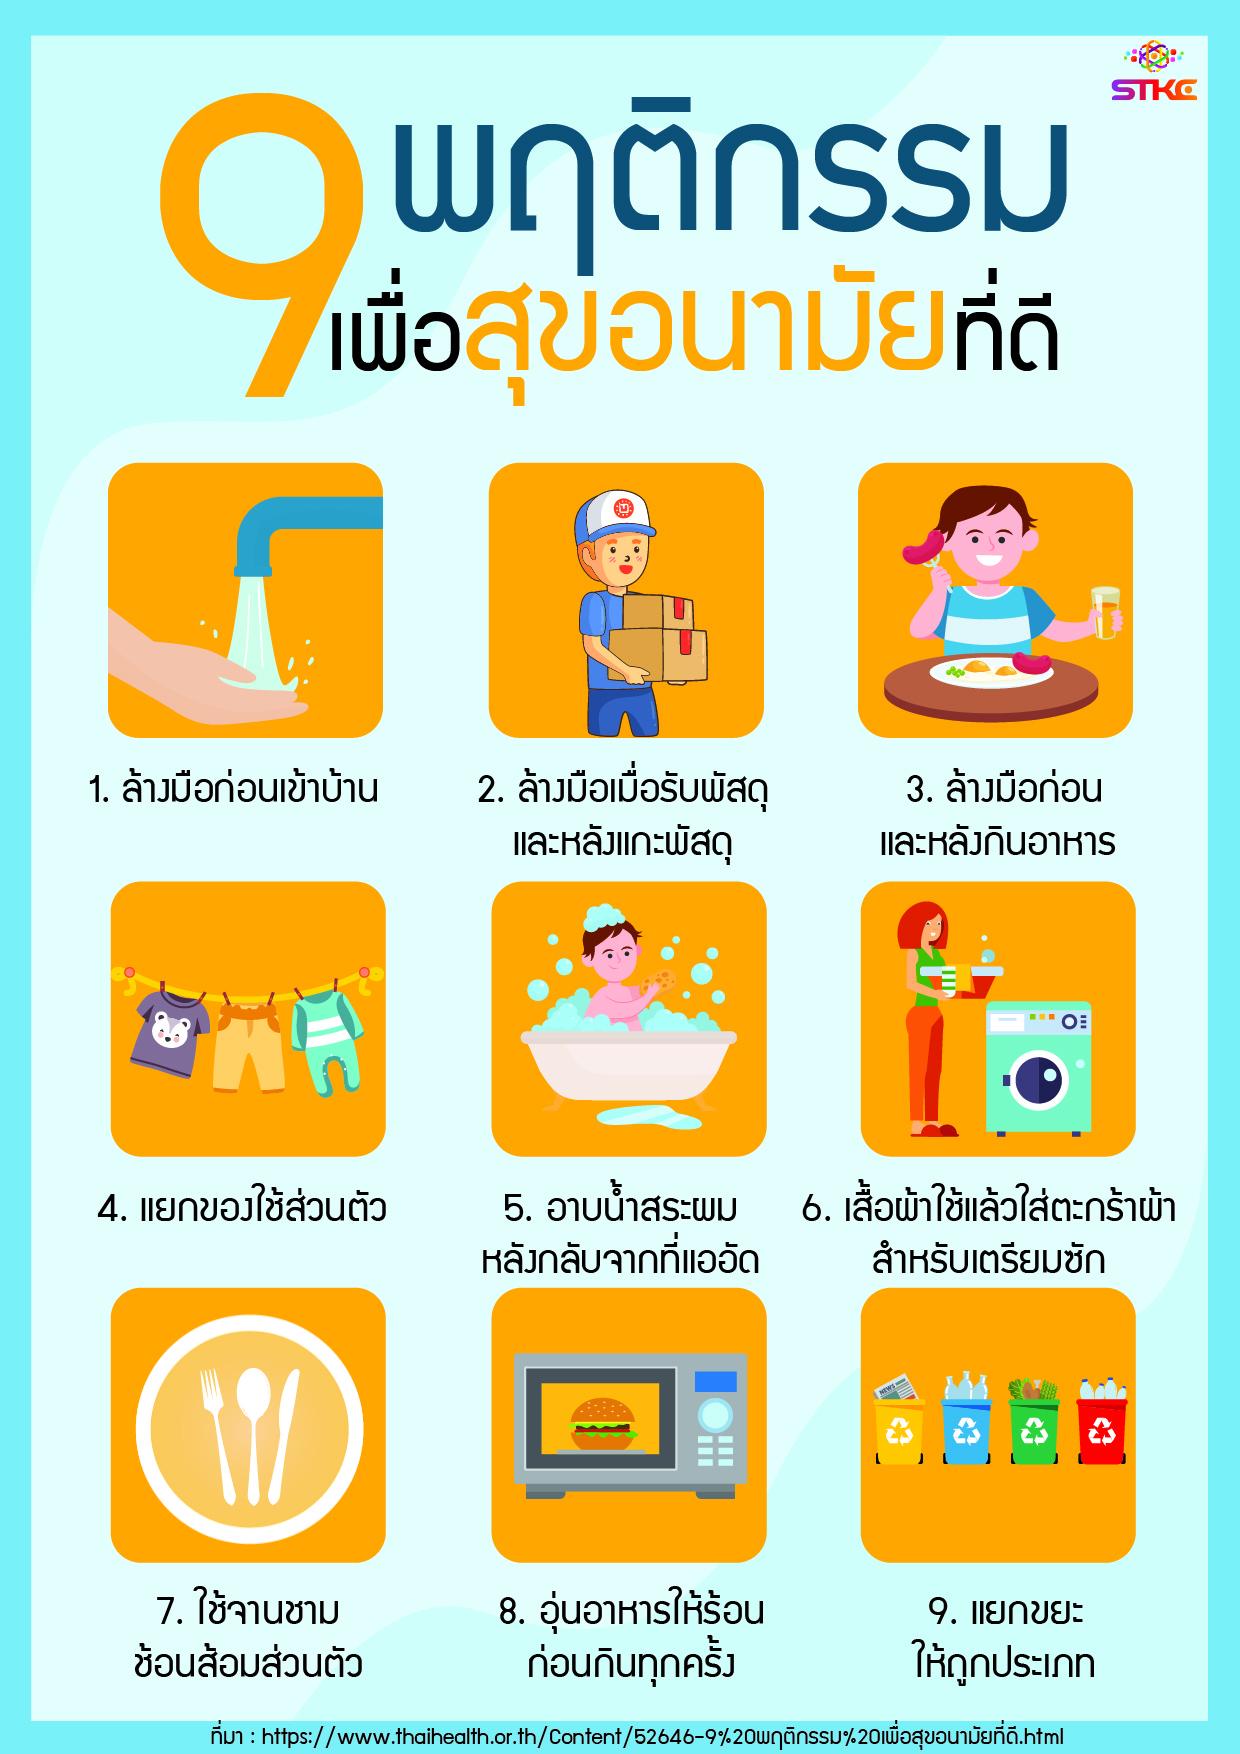 9 พฤติกรรม เพื่อสุขอนามัยที่ดี